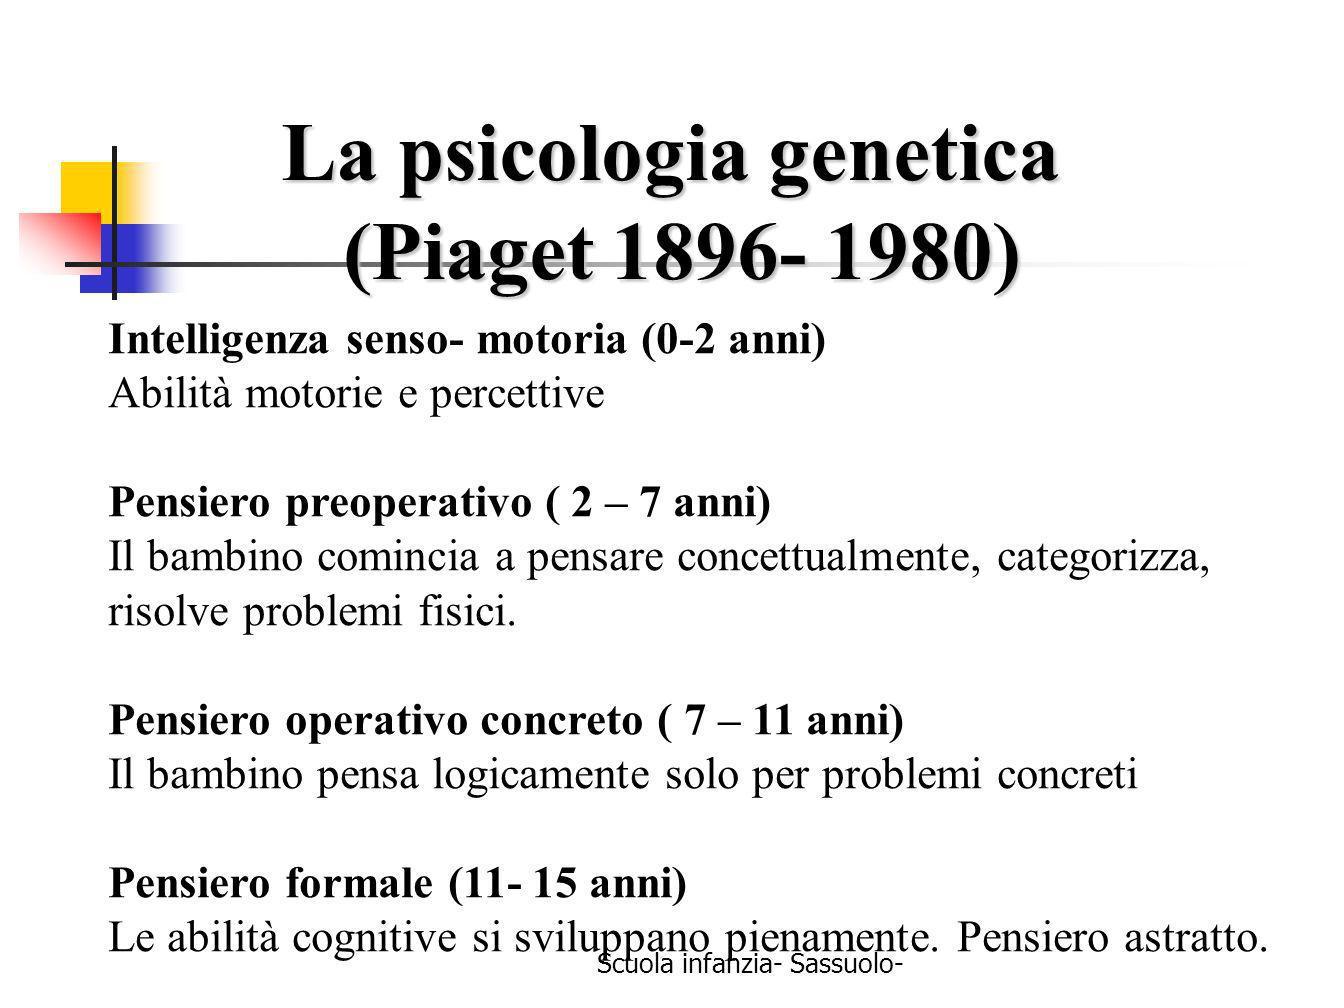 Scuola infanzia- Sassuolo- La psicologia genetica (Piaget 1896- 1980) (Piaget 1896- 1980) Intelligenza senso- motoria (0-2 anni) Abilità motorie e per